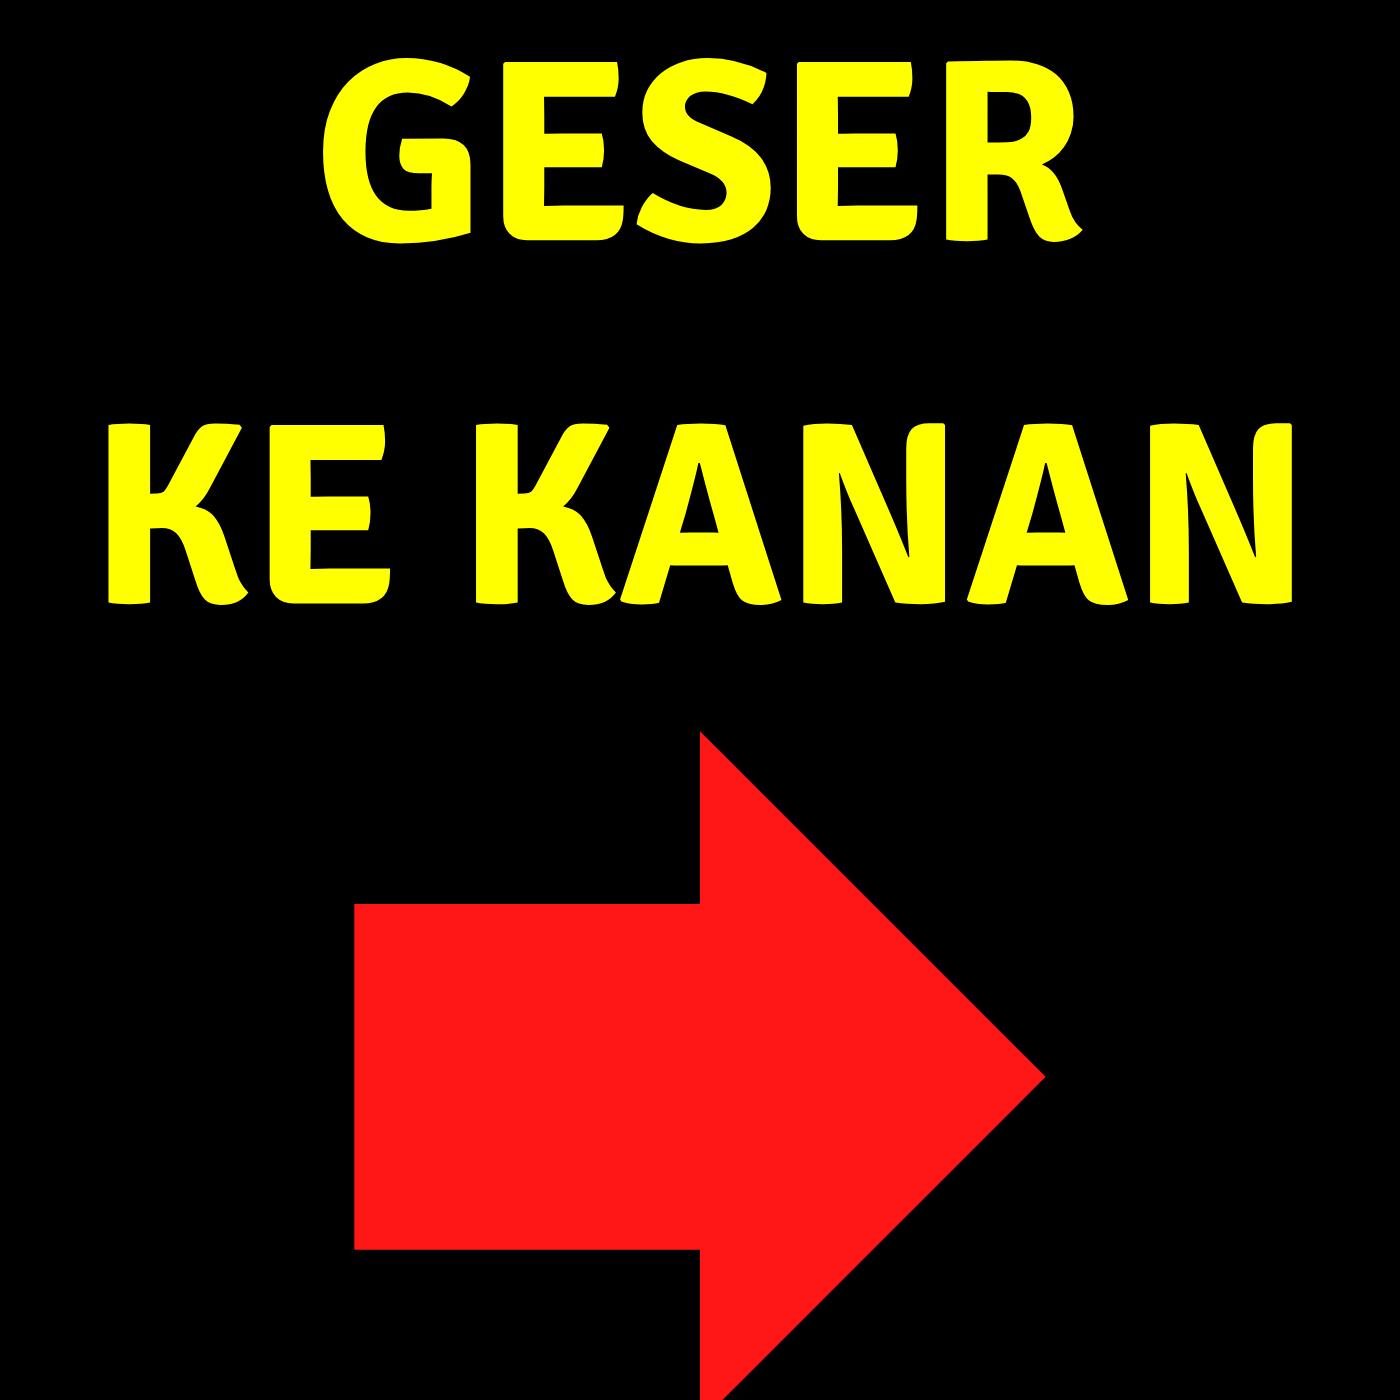 GESER-KE-KANAN.png